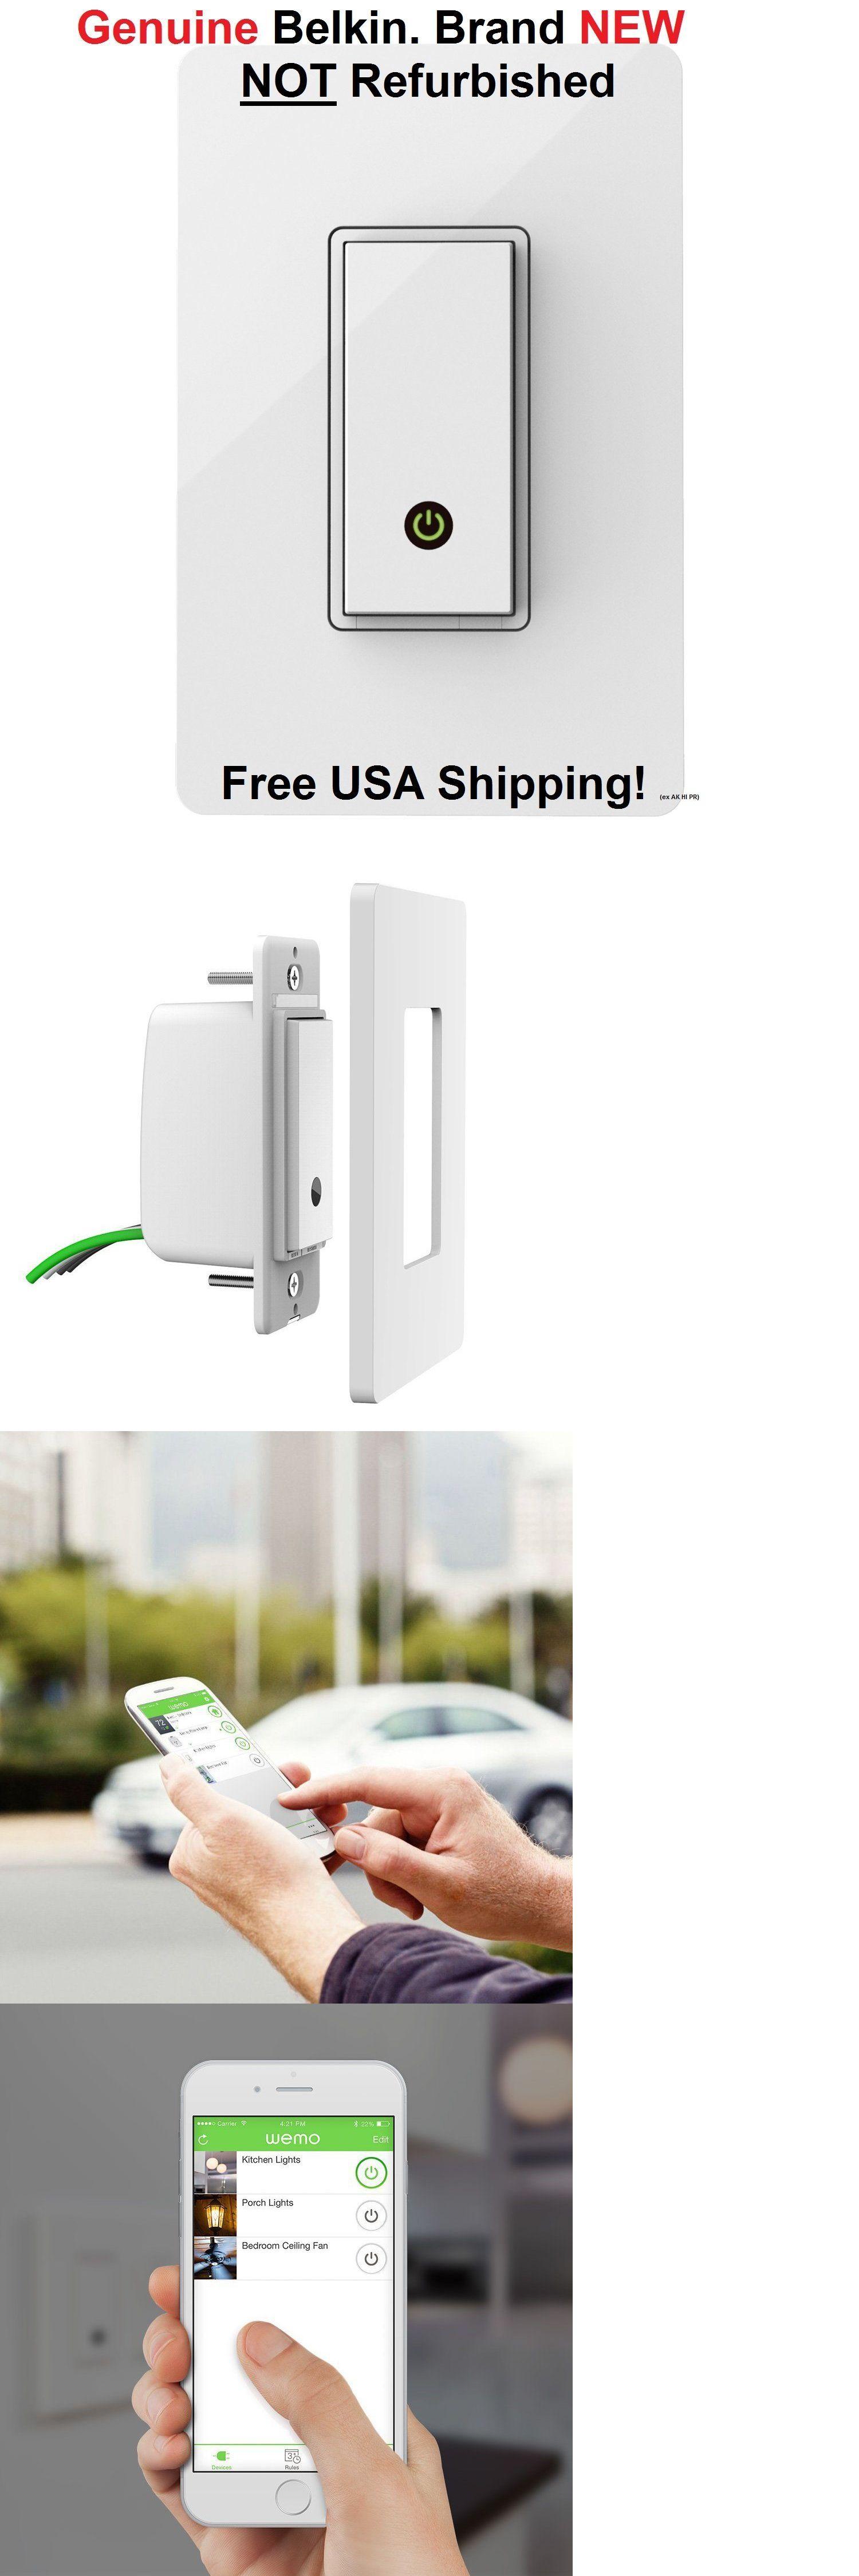 Smart Home Automation Ideas #smarthomecamera | Smart Home Automation ...